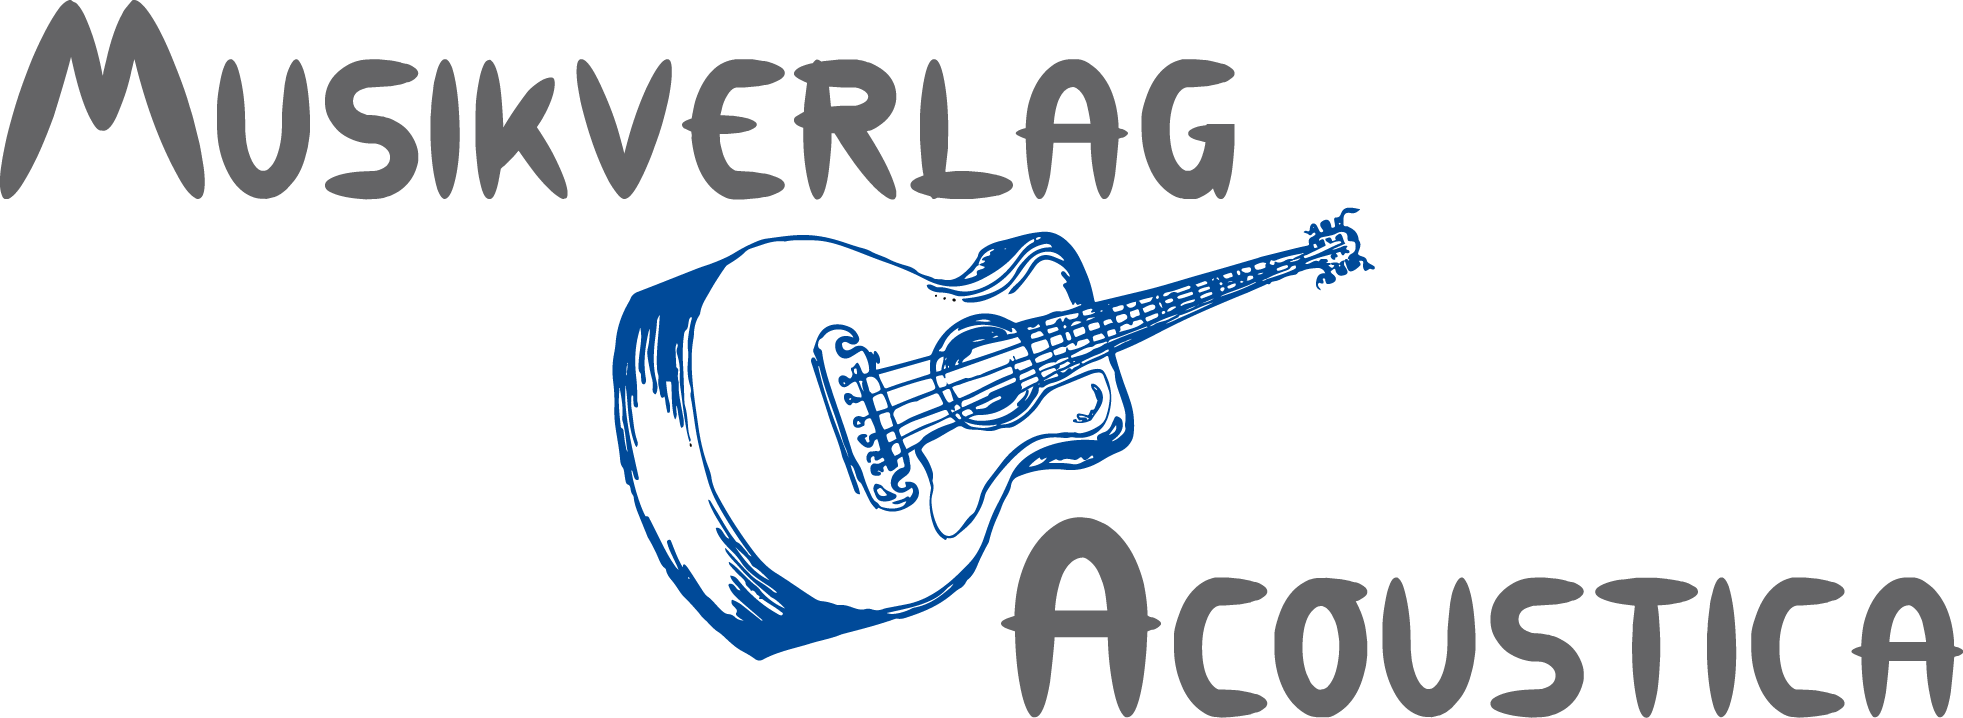 Musikverlag Acoustica – Noten für akustische Gitarre